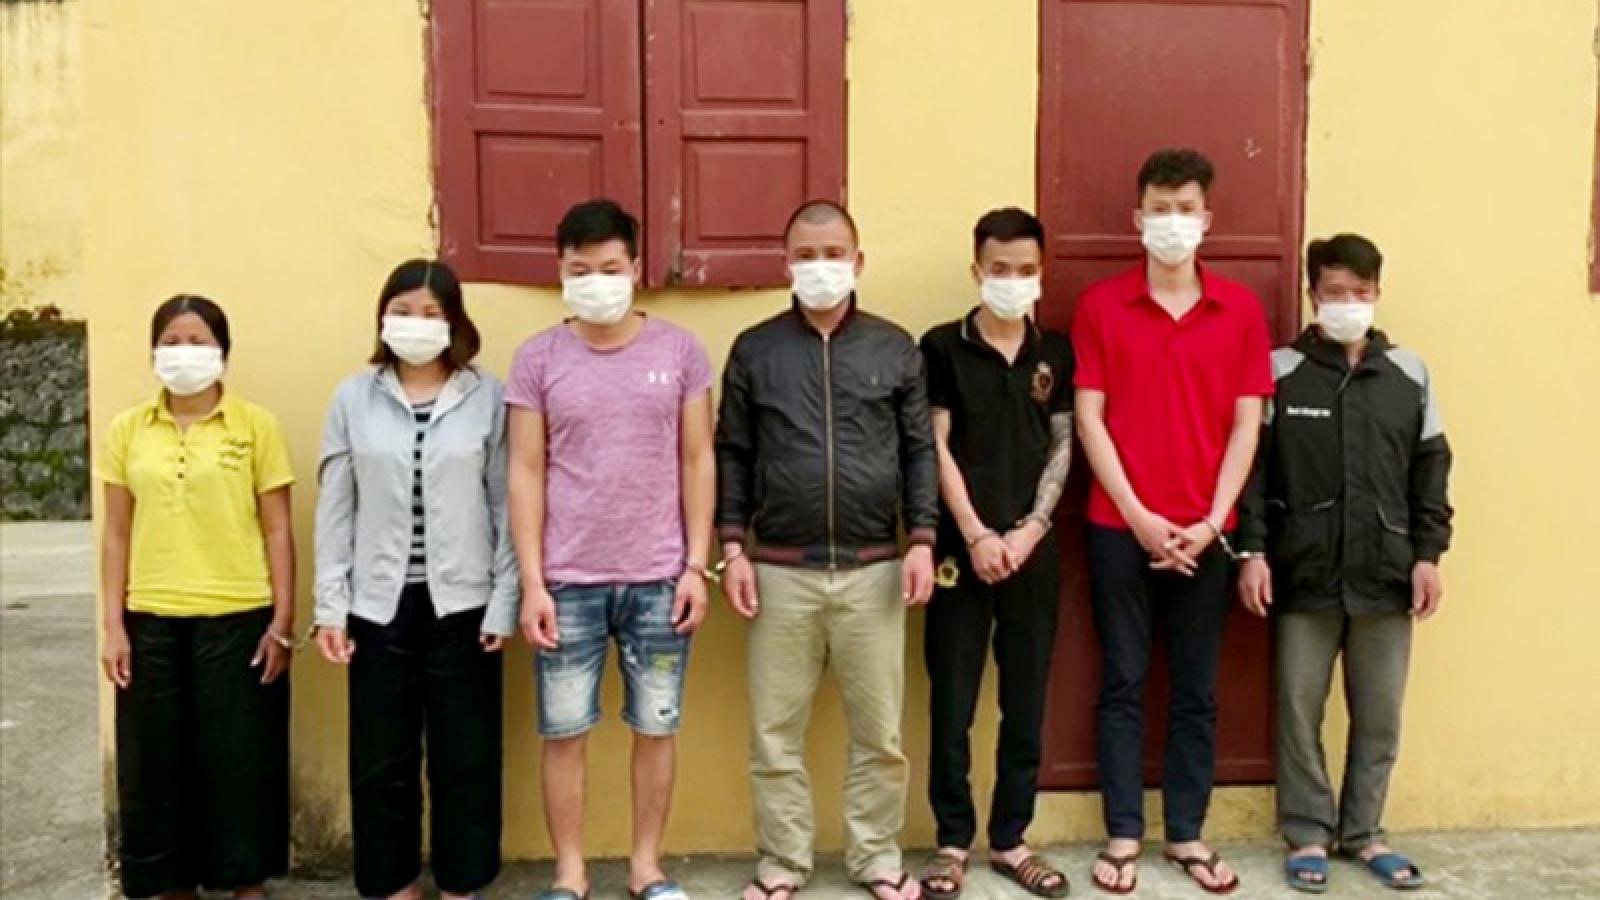 Bắt 7 đối tượng đang sát phạt nhau trên chiếu bạc tại Lào Cai